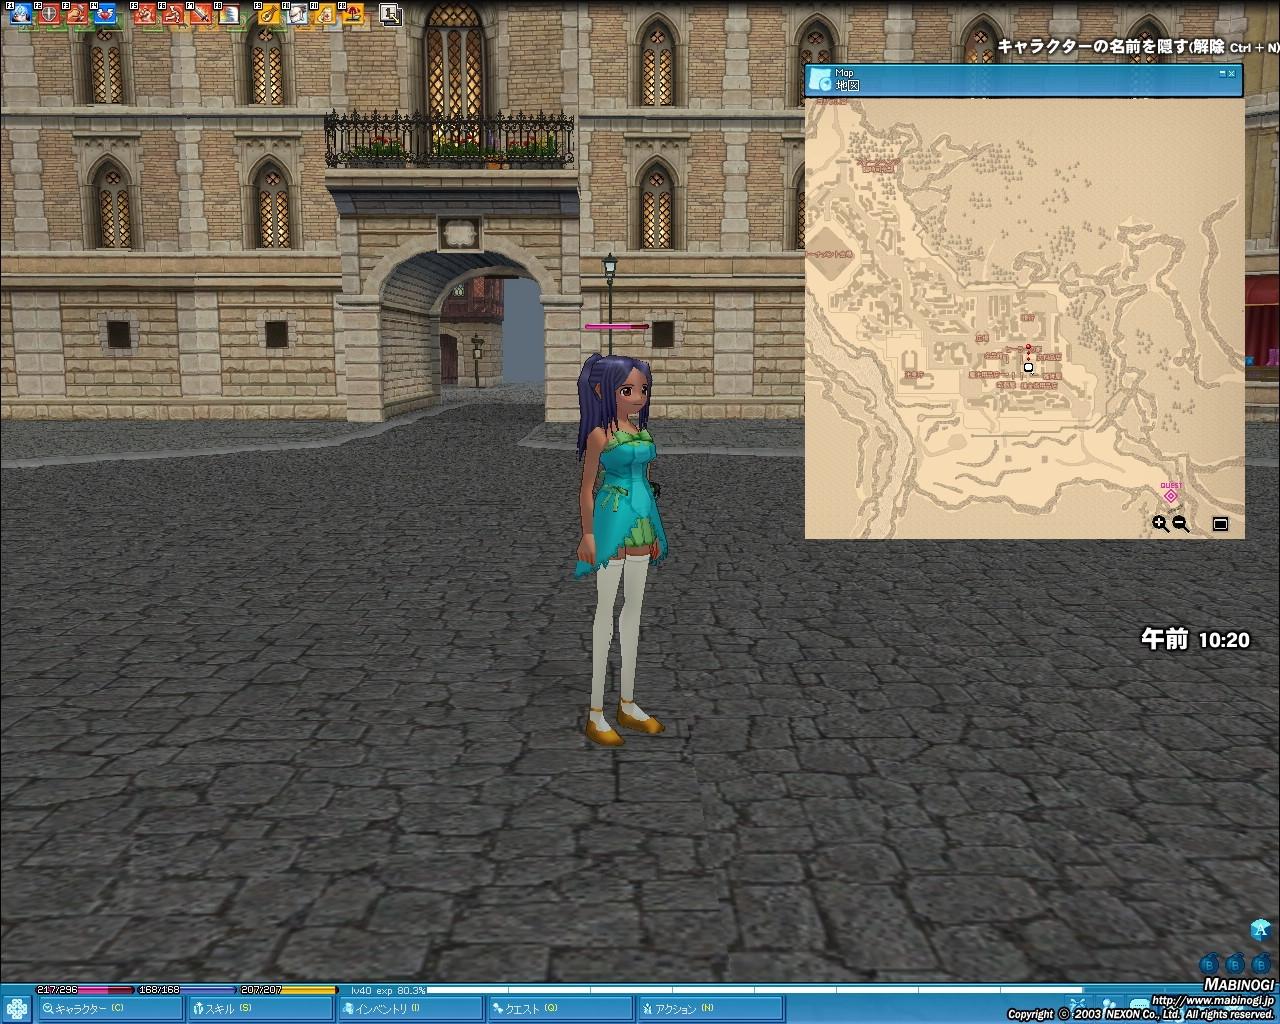 タラの地図。店などが集中して機能的だが、まだ寂しい。地図の北側の部分は今後王城が追加される予定だ